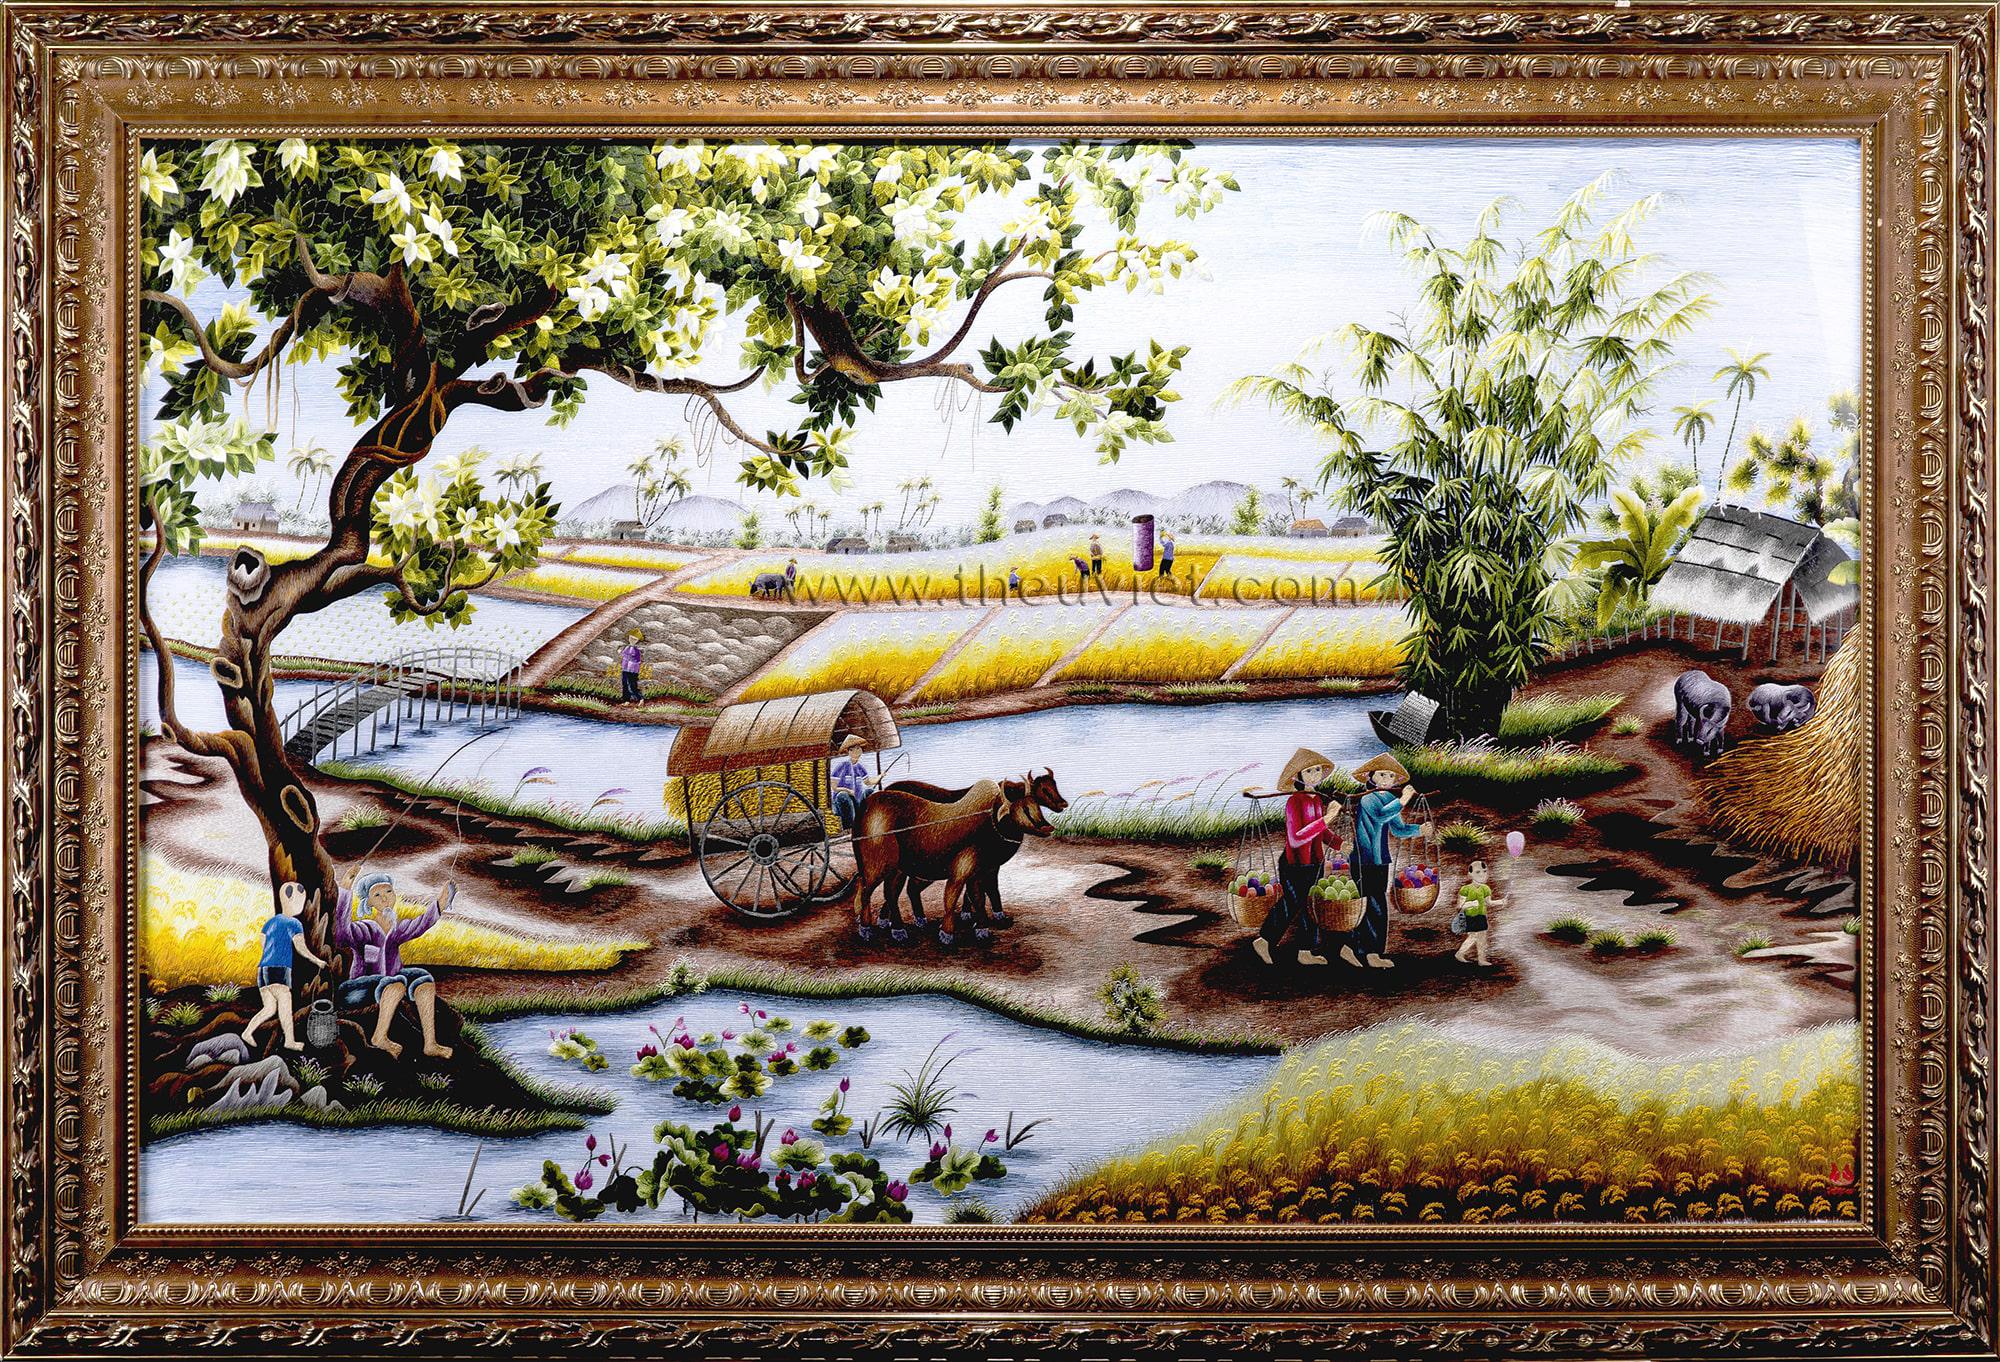 Tranh thêu phong cảnh làng quê Việt Nam ý nghĩa trong năm 2020 3